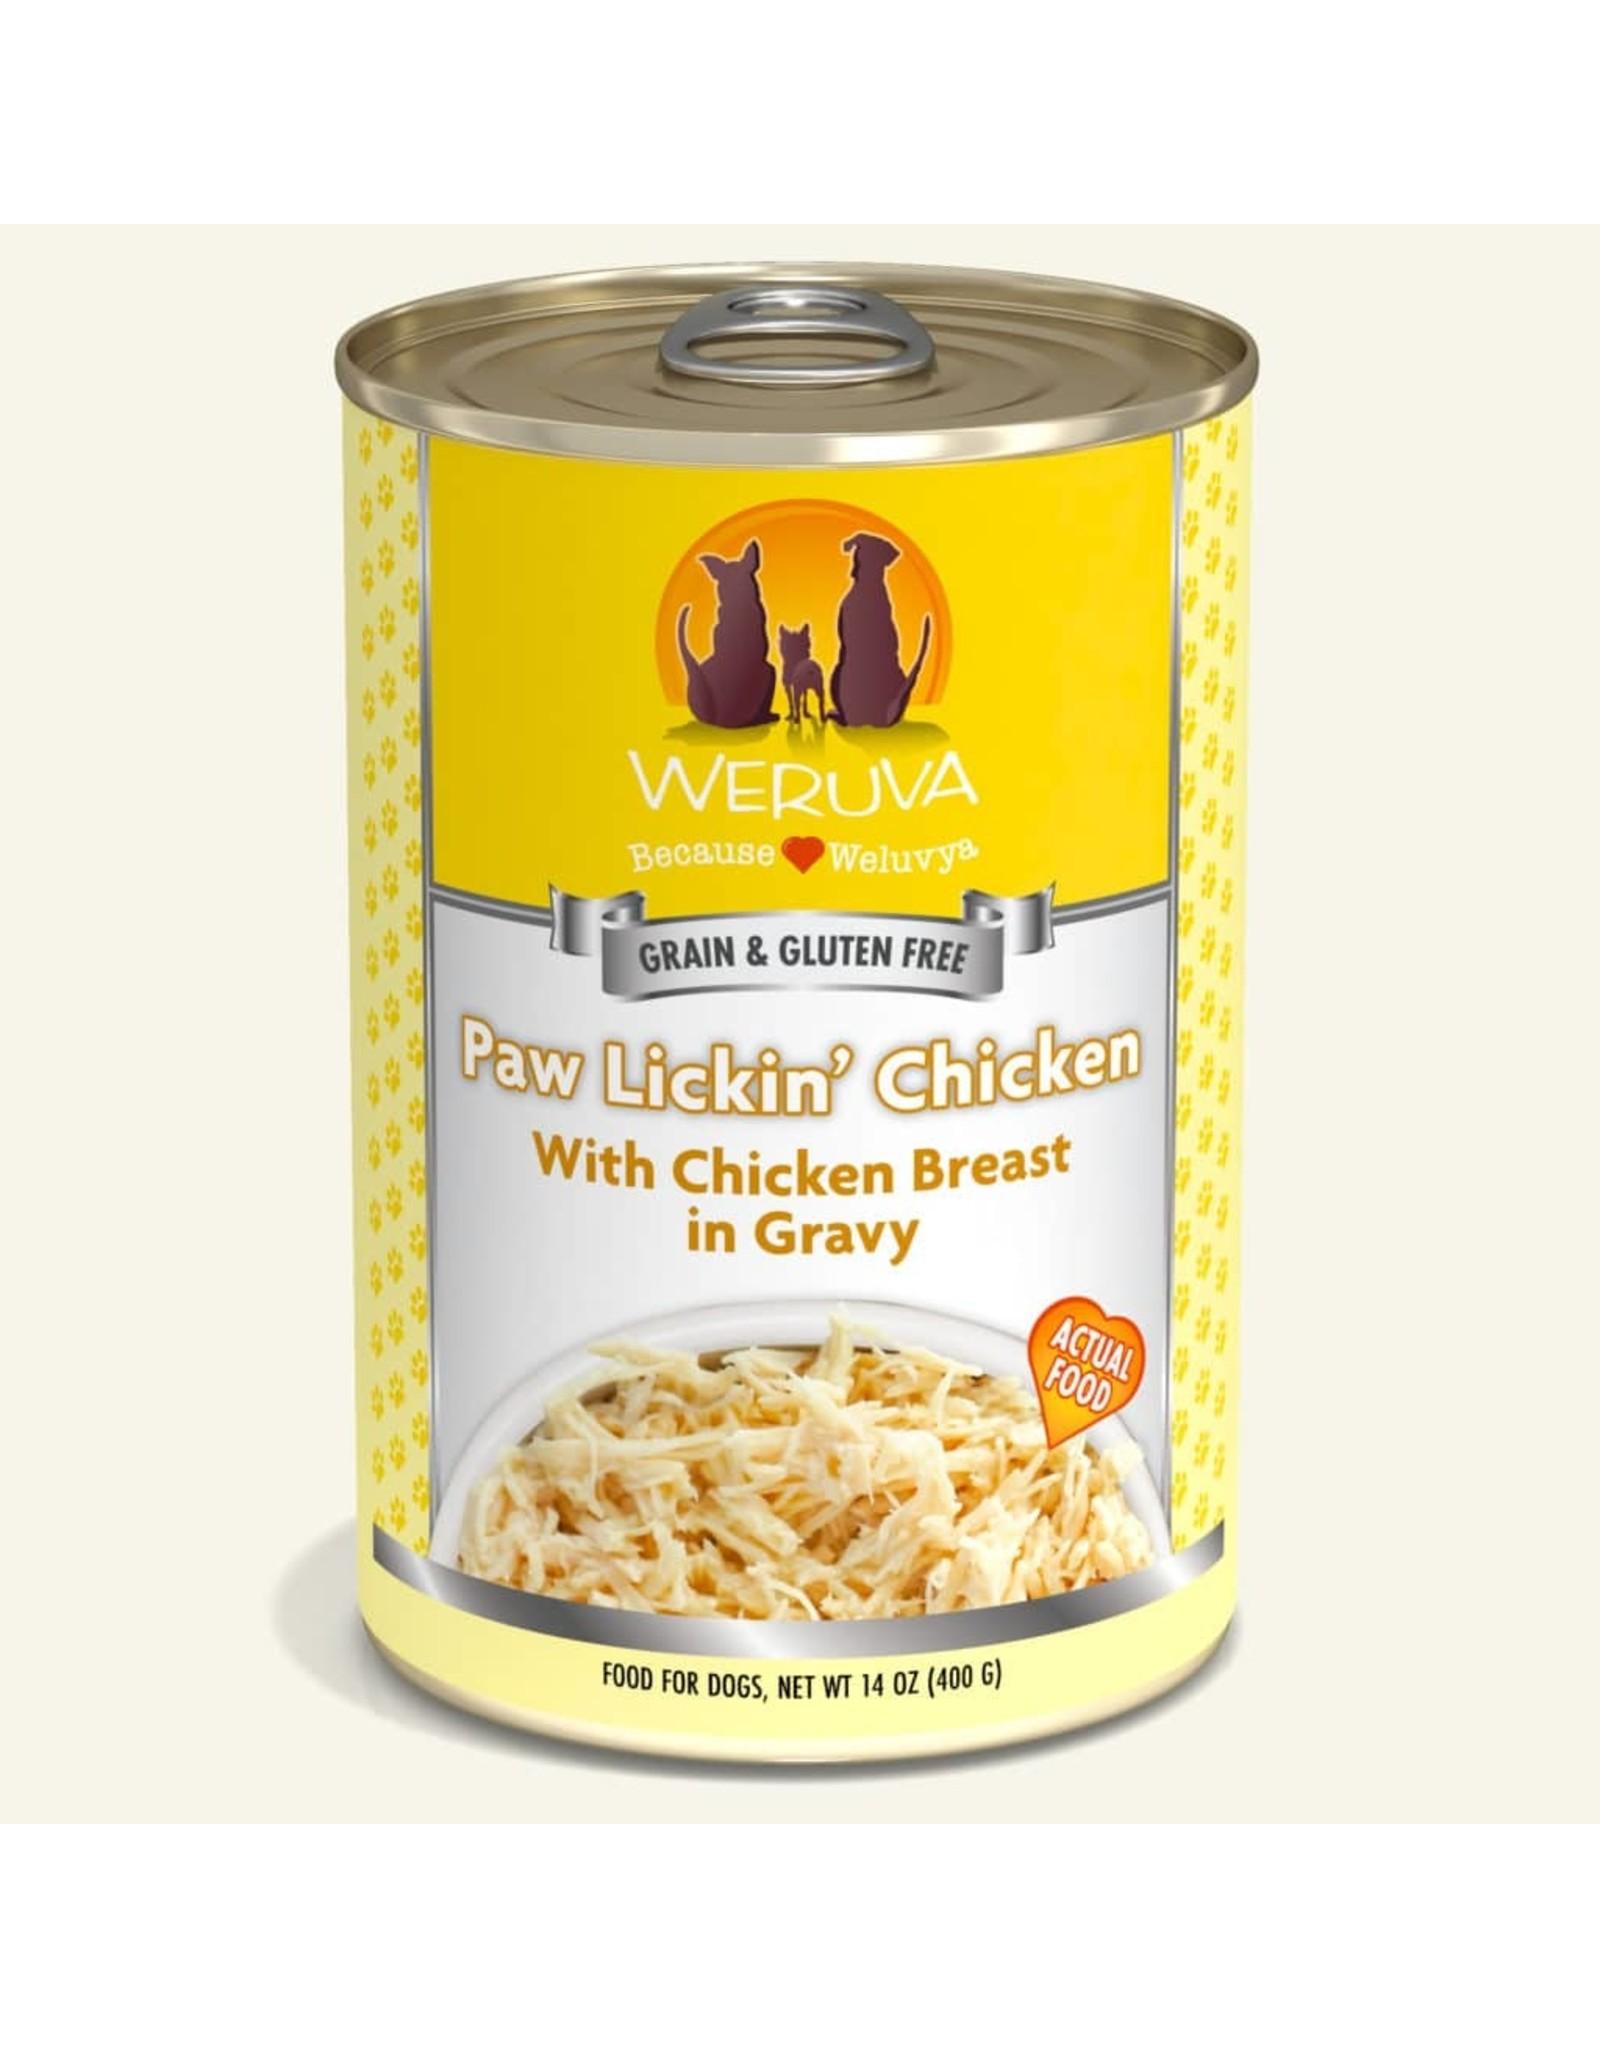 Weruva Weruva Paw Lickin Chicken with Chicken Breast in Gravy Dog Food 14oz